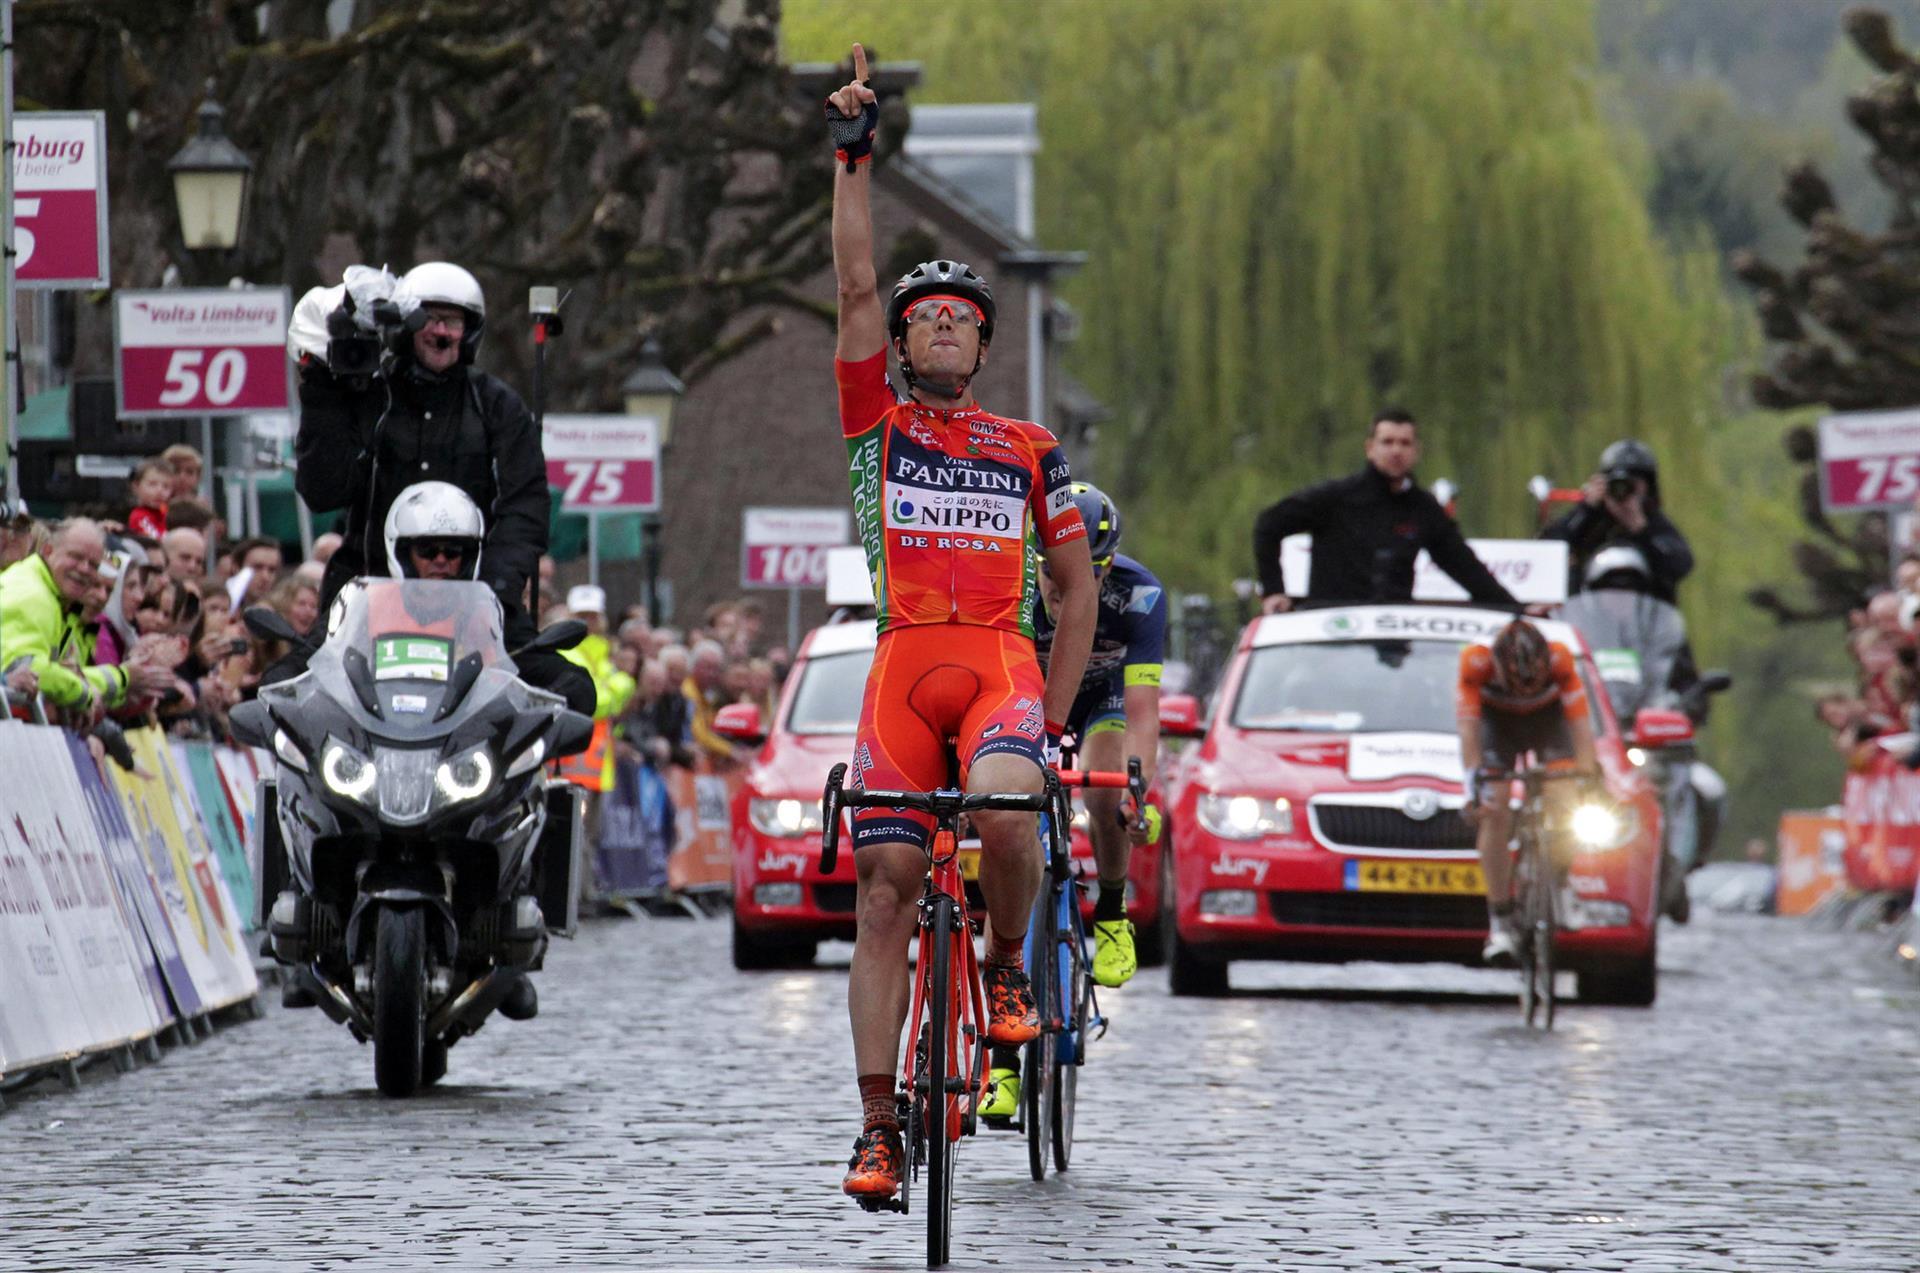 La vittoria di Marco Canola alla Volta Limburg 2017